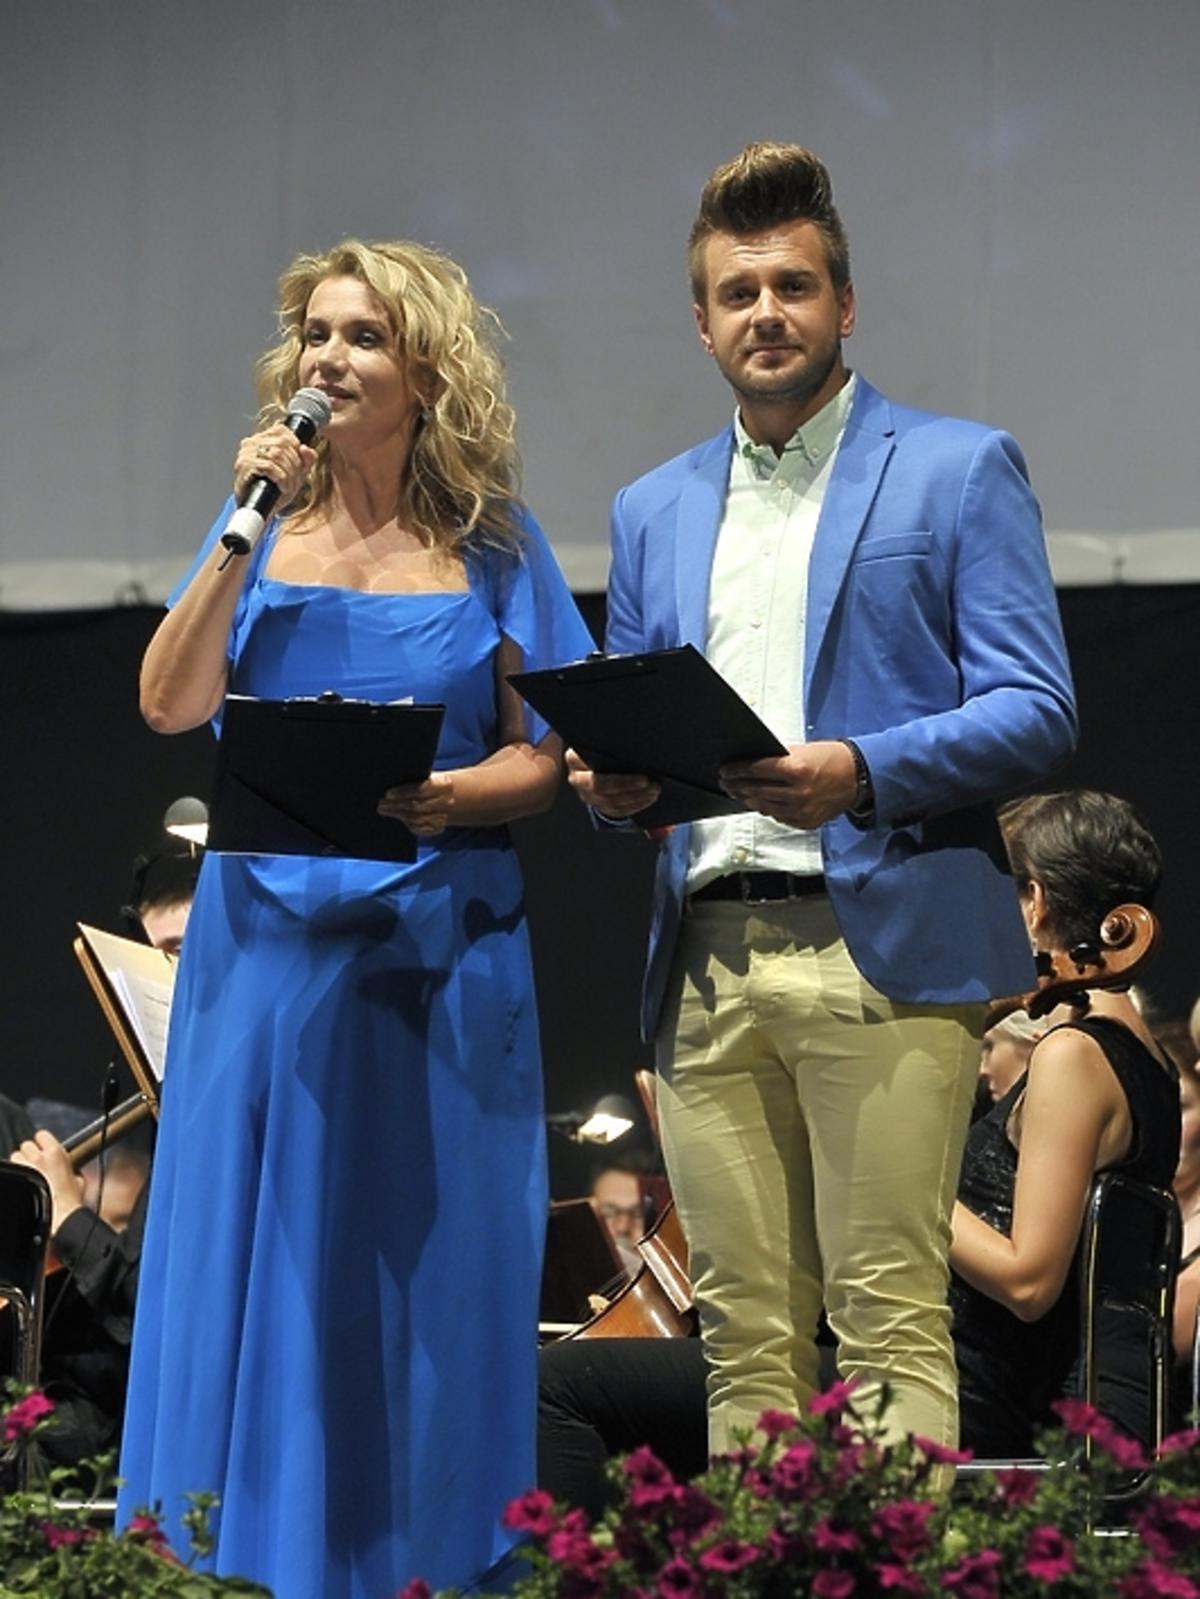 Joanna Trzepiecińska i Marcin Mroziński na Festiwalu Piosenki i Ballady Filmowej w Toruniu